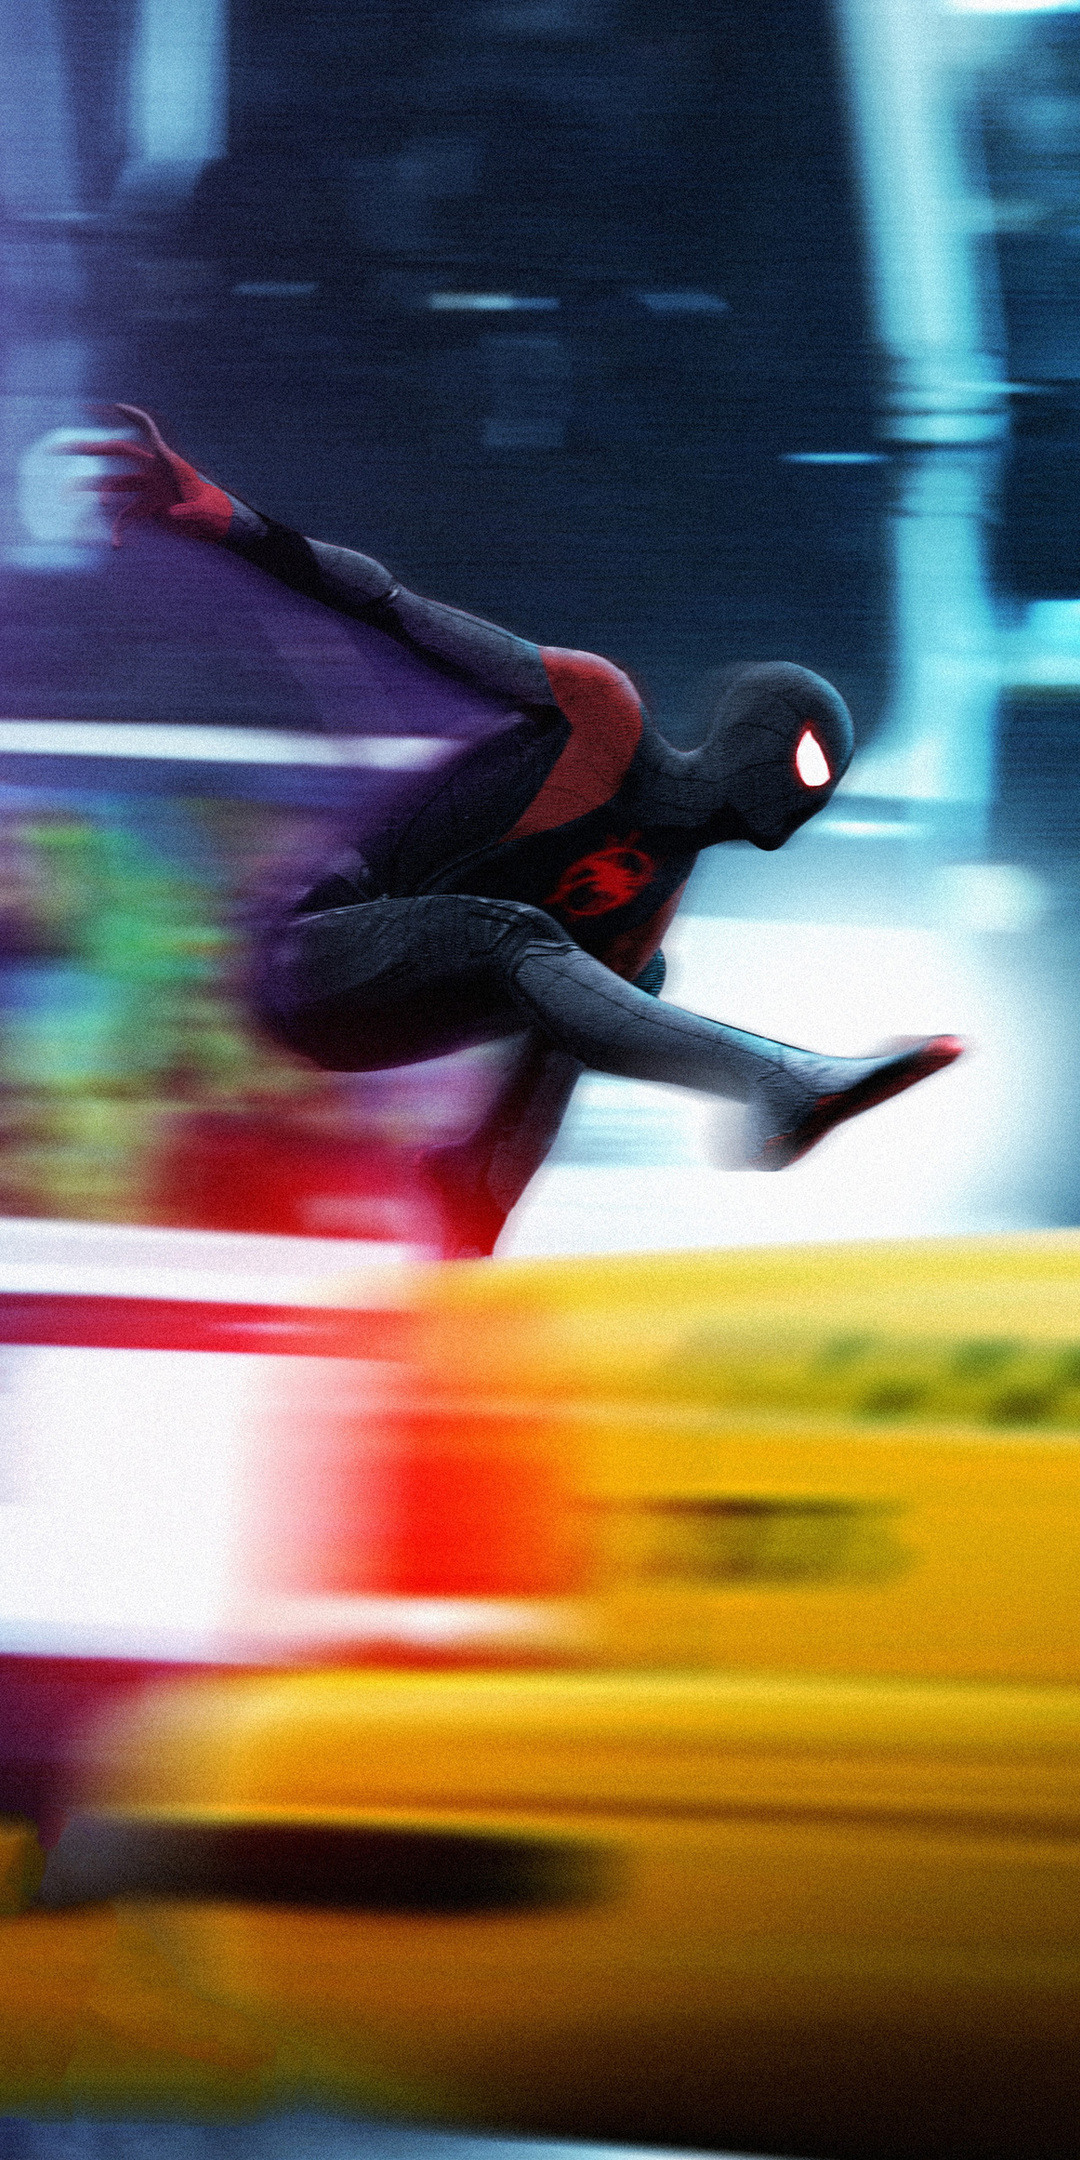 spiderman-into-the-spider-verse-movie-digital-art-sn.jpg